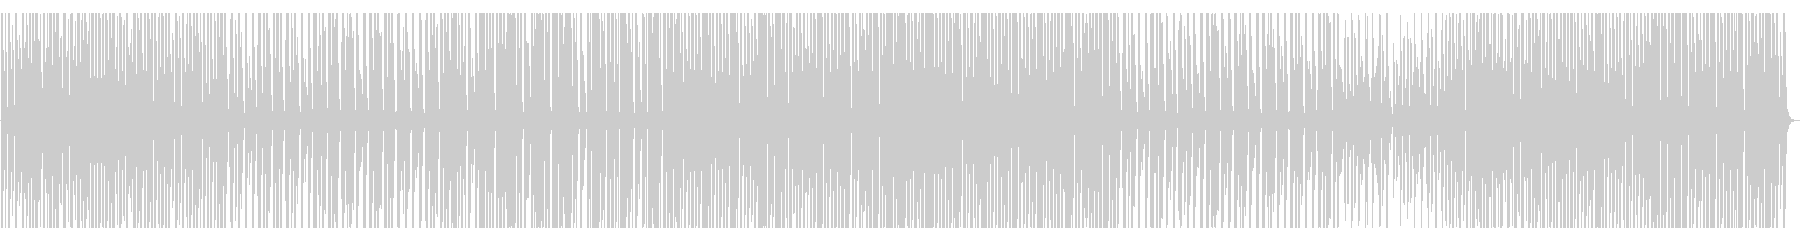 コミカル/かわいい/ハウス_No432の未再生の波形